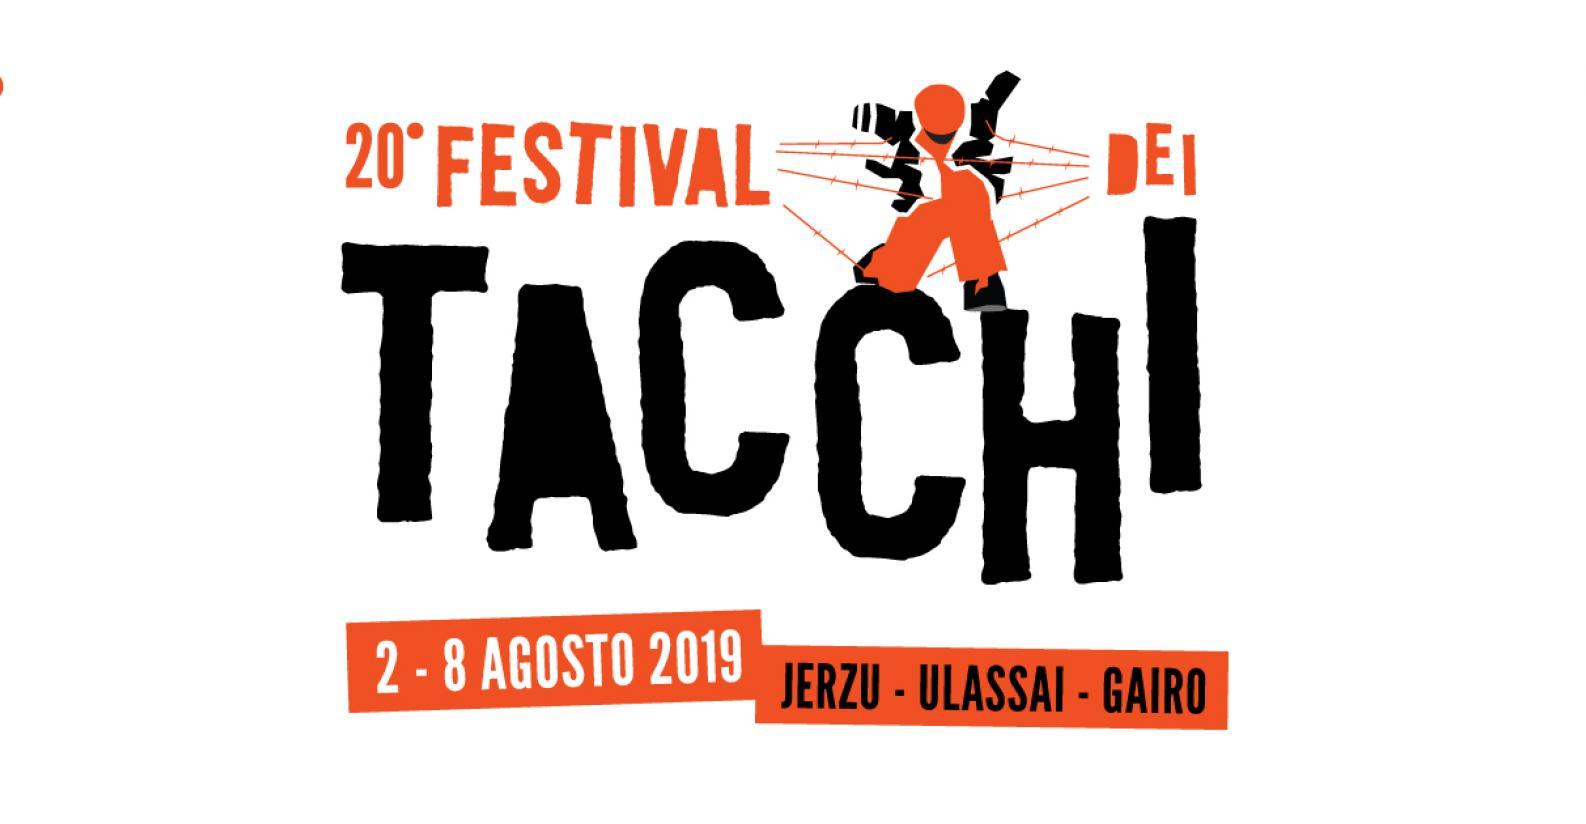 Festival dei Ta